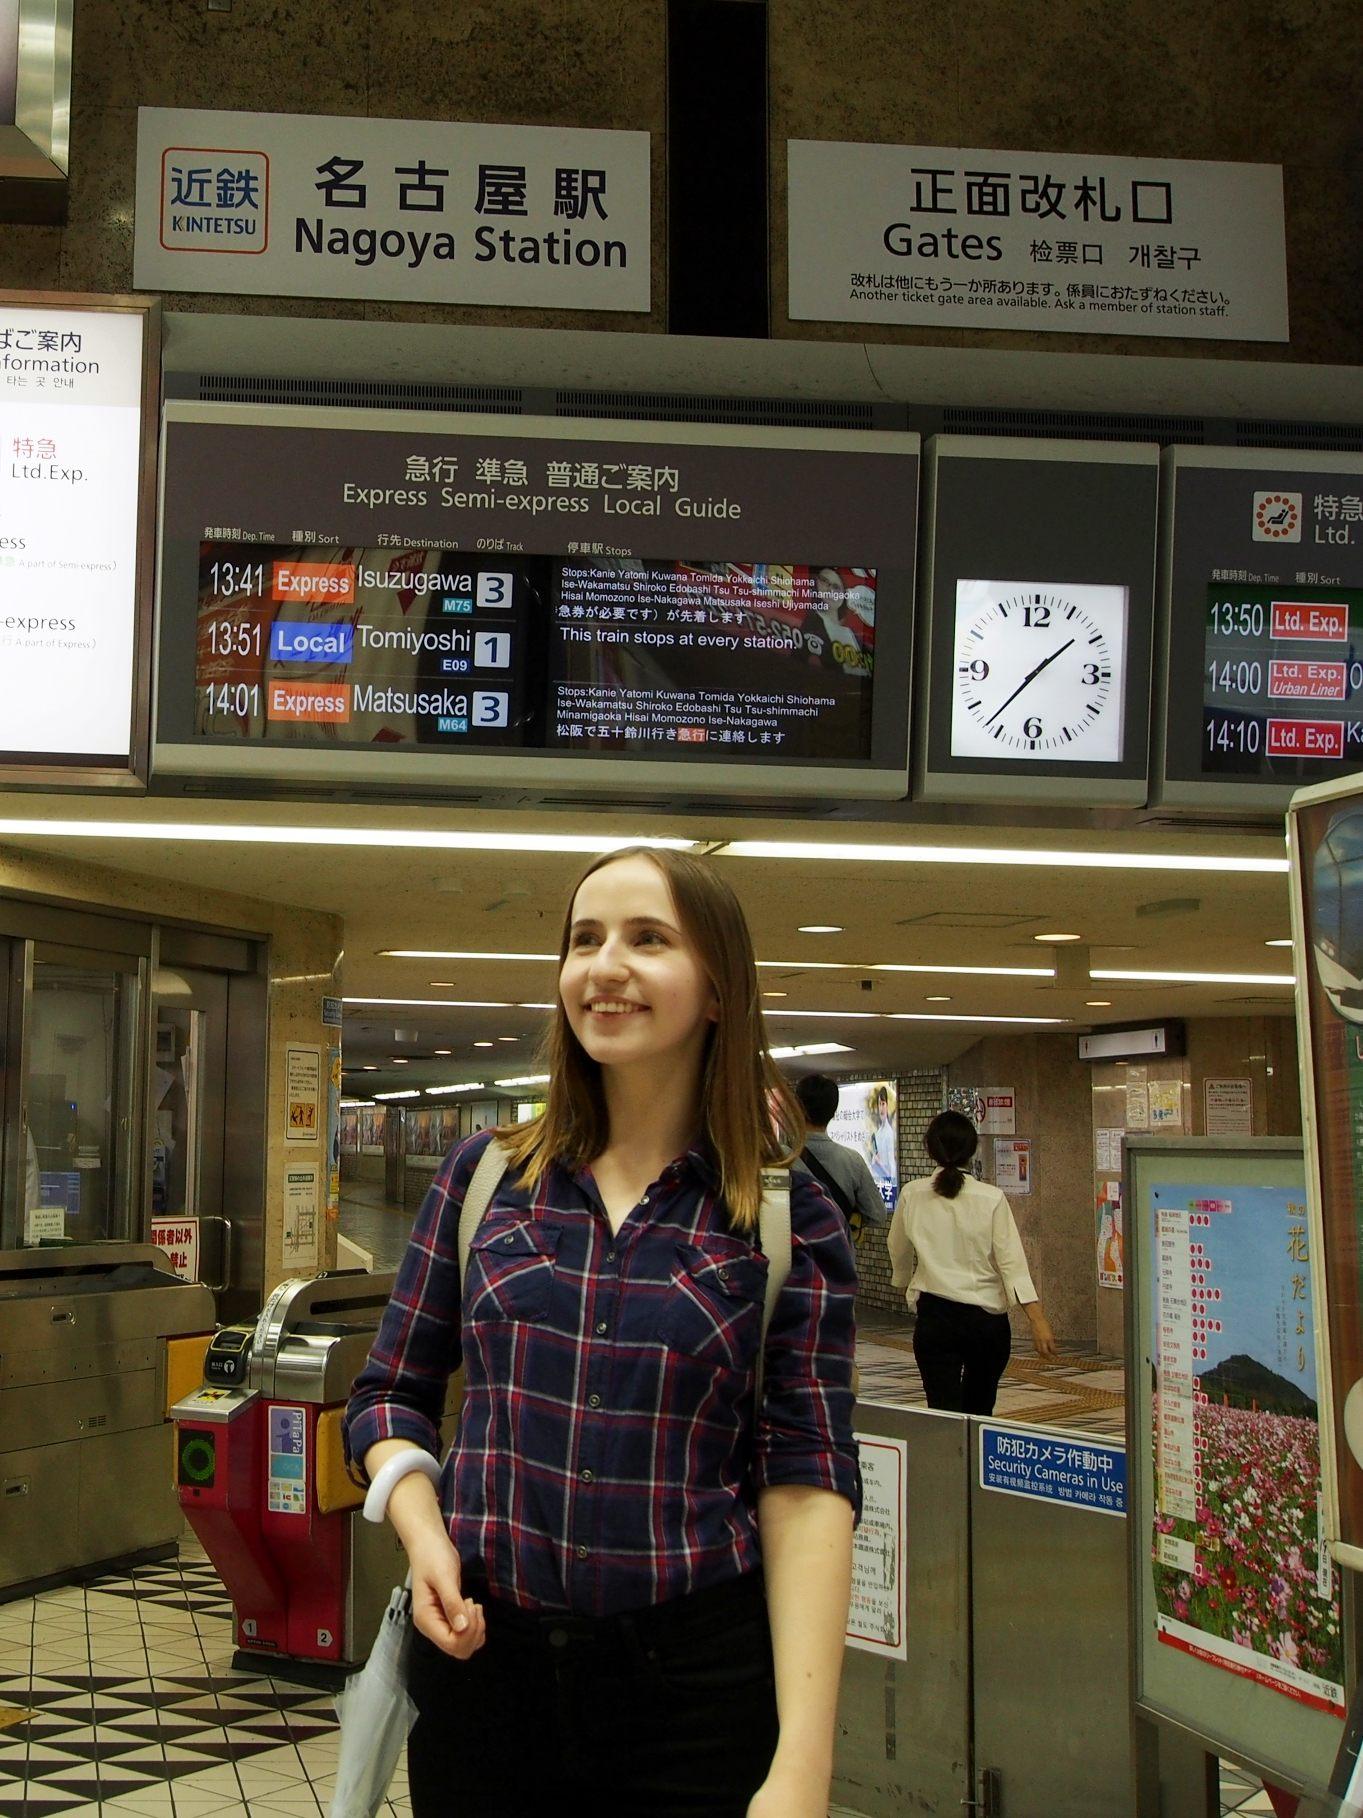 使用KINTETSU RAIL PASS,抵达近铁「名古屋站」